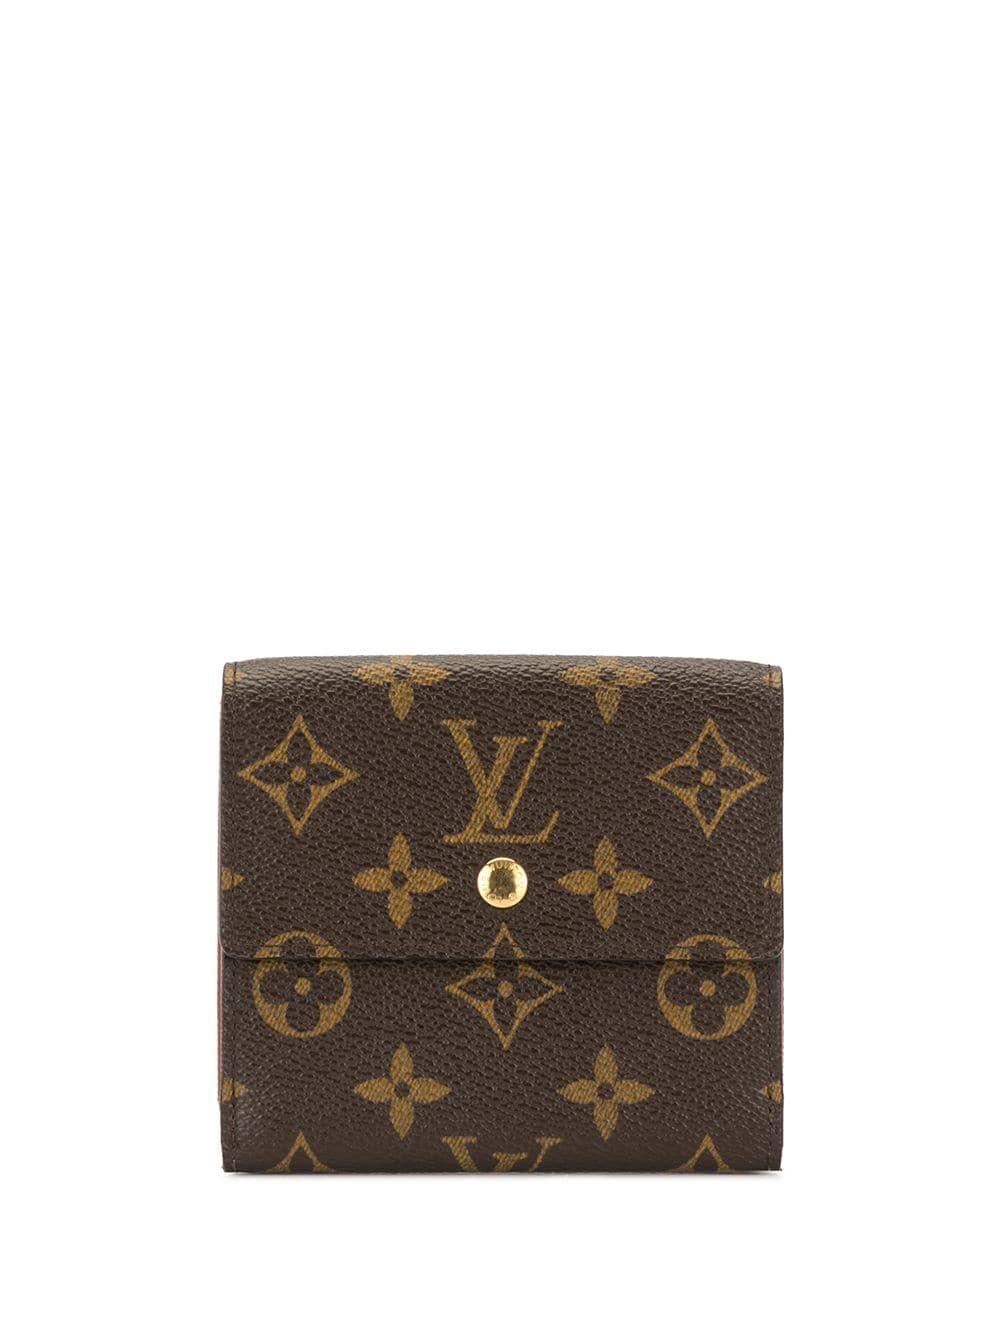 Louis Vuitton Pre Owned Monogram Flap Wallet Brown Louis Vuitton Louis Vuitton Accessories Louis Vuitton Wallet Monogram